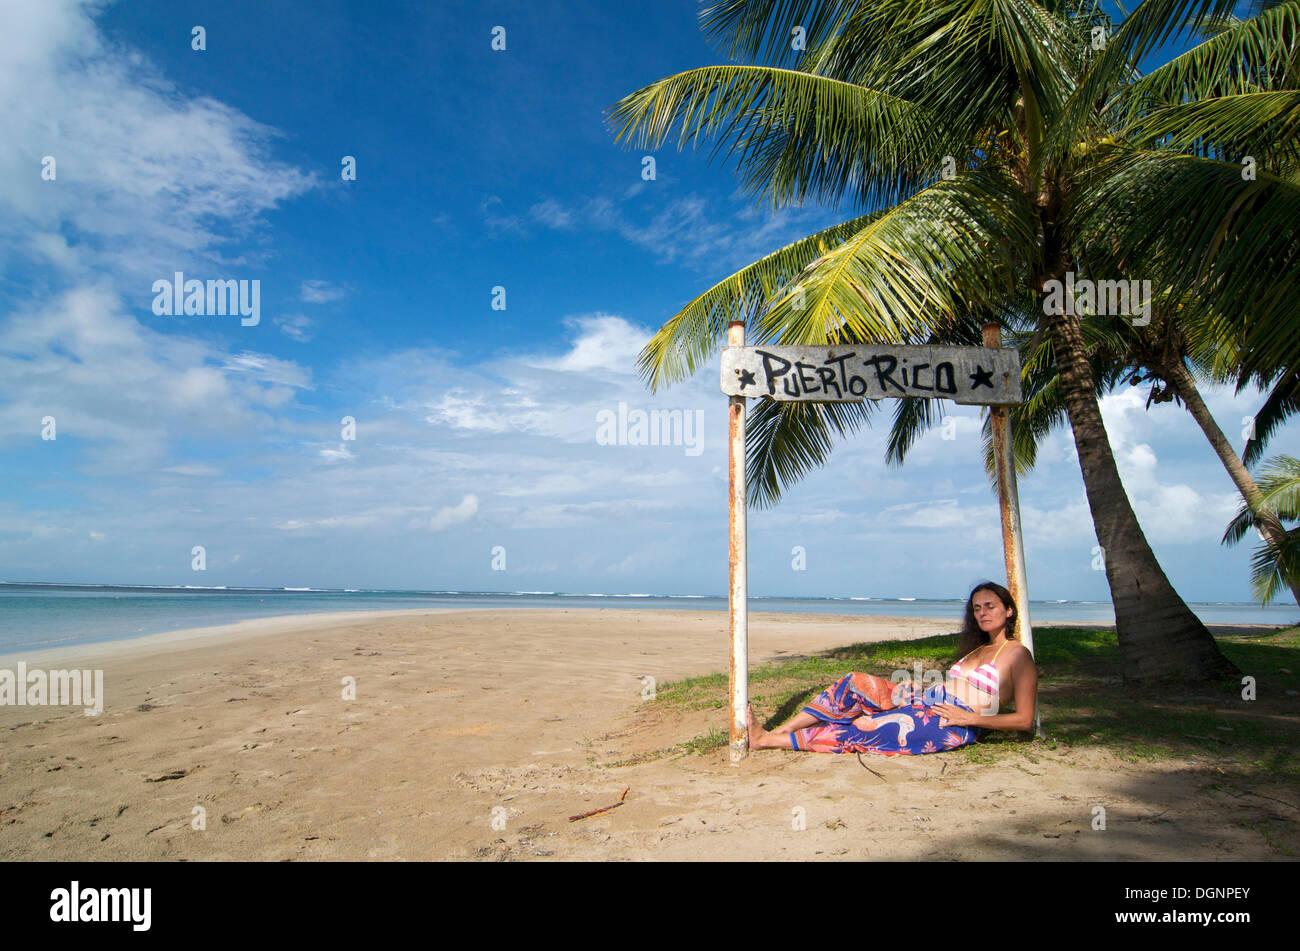 Turista che giace sotto un segno con le parole di Puerto Rico, Luquillo Beach, Puerto Rico e dei Caraibi Immagini Stock